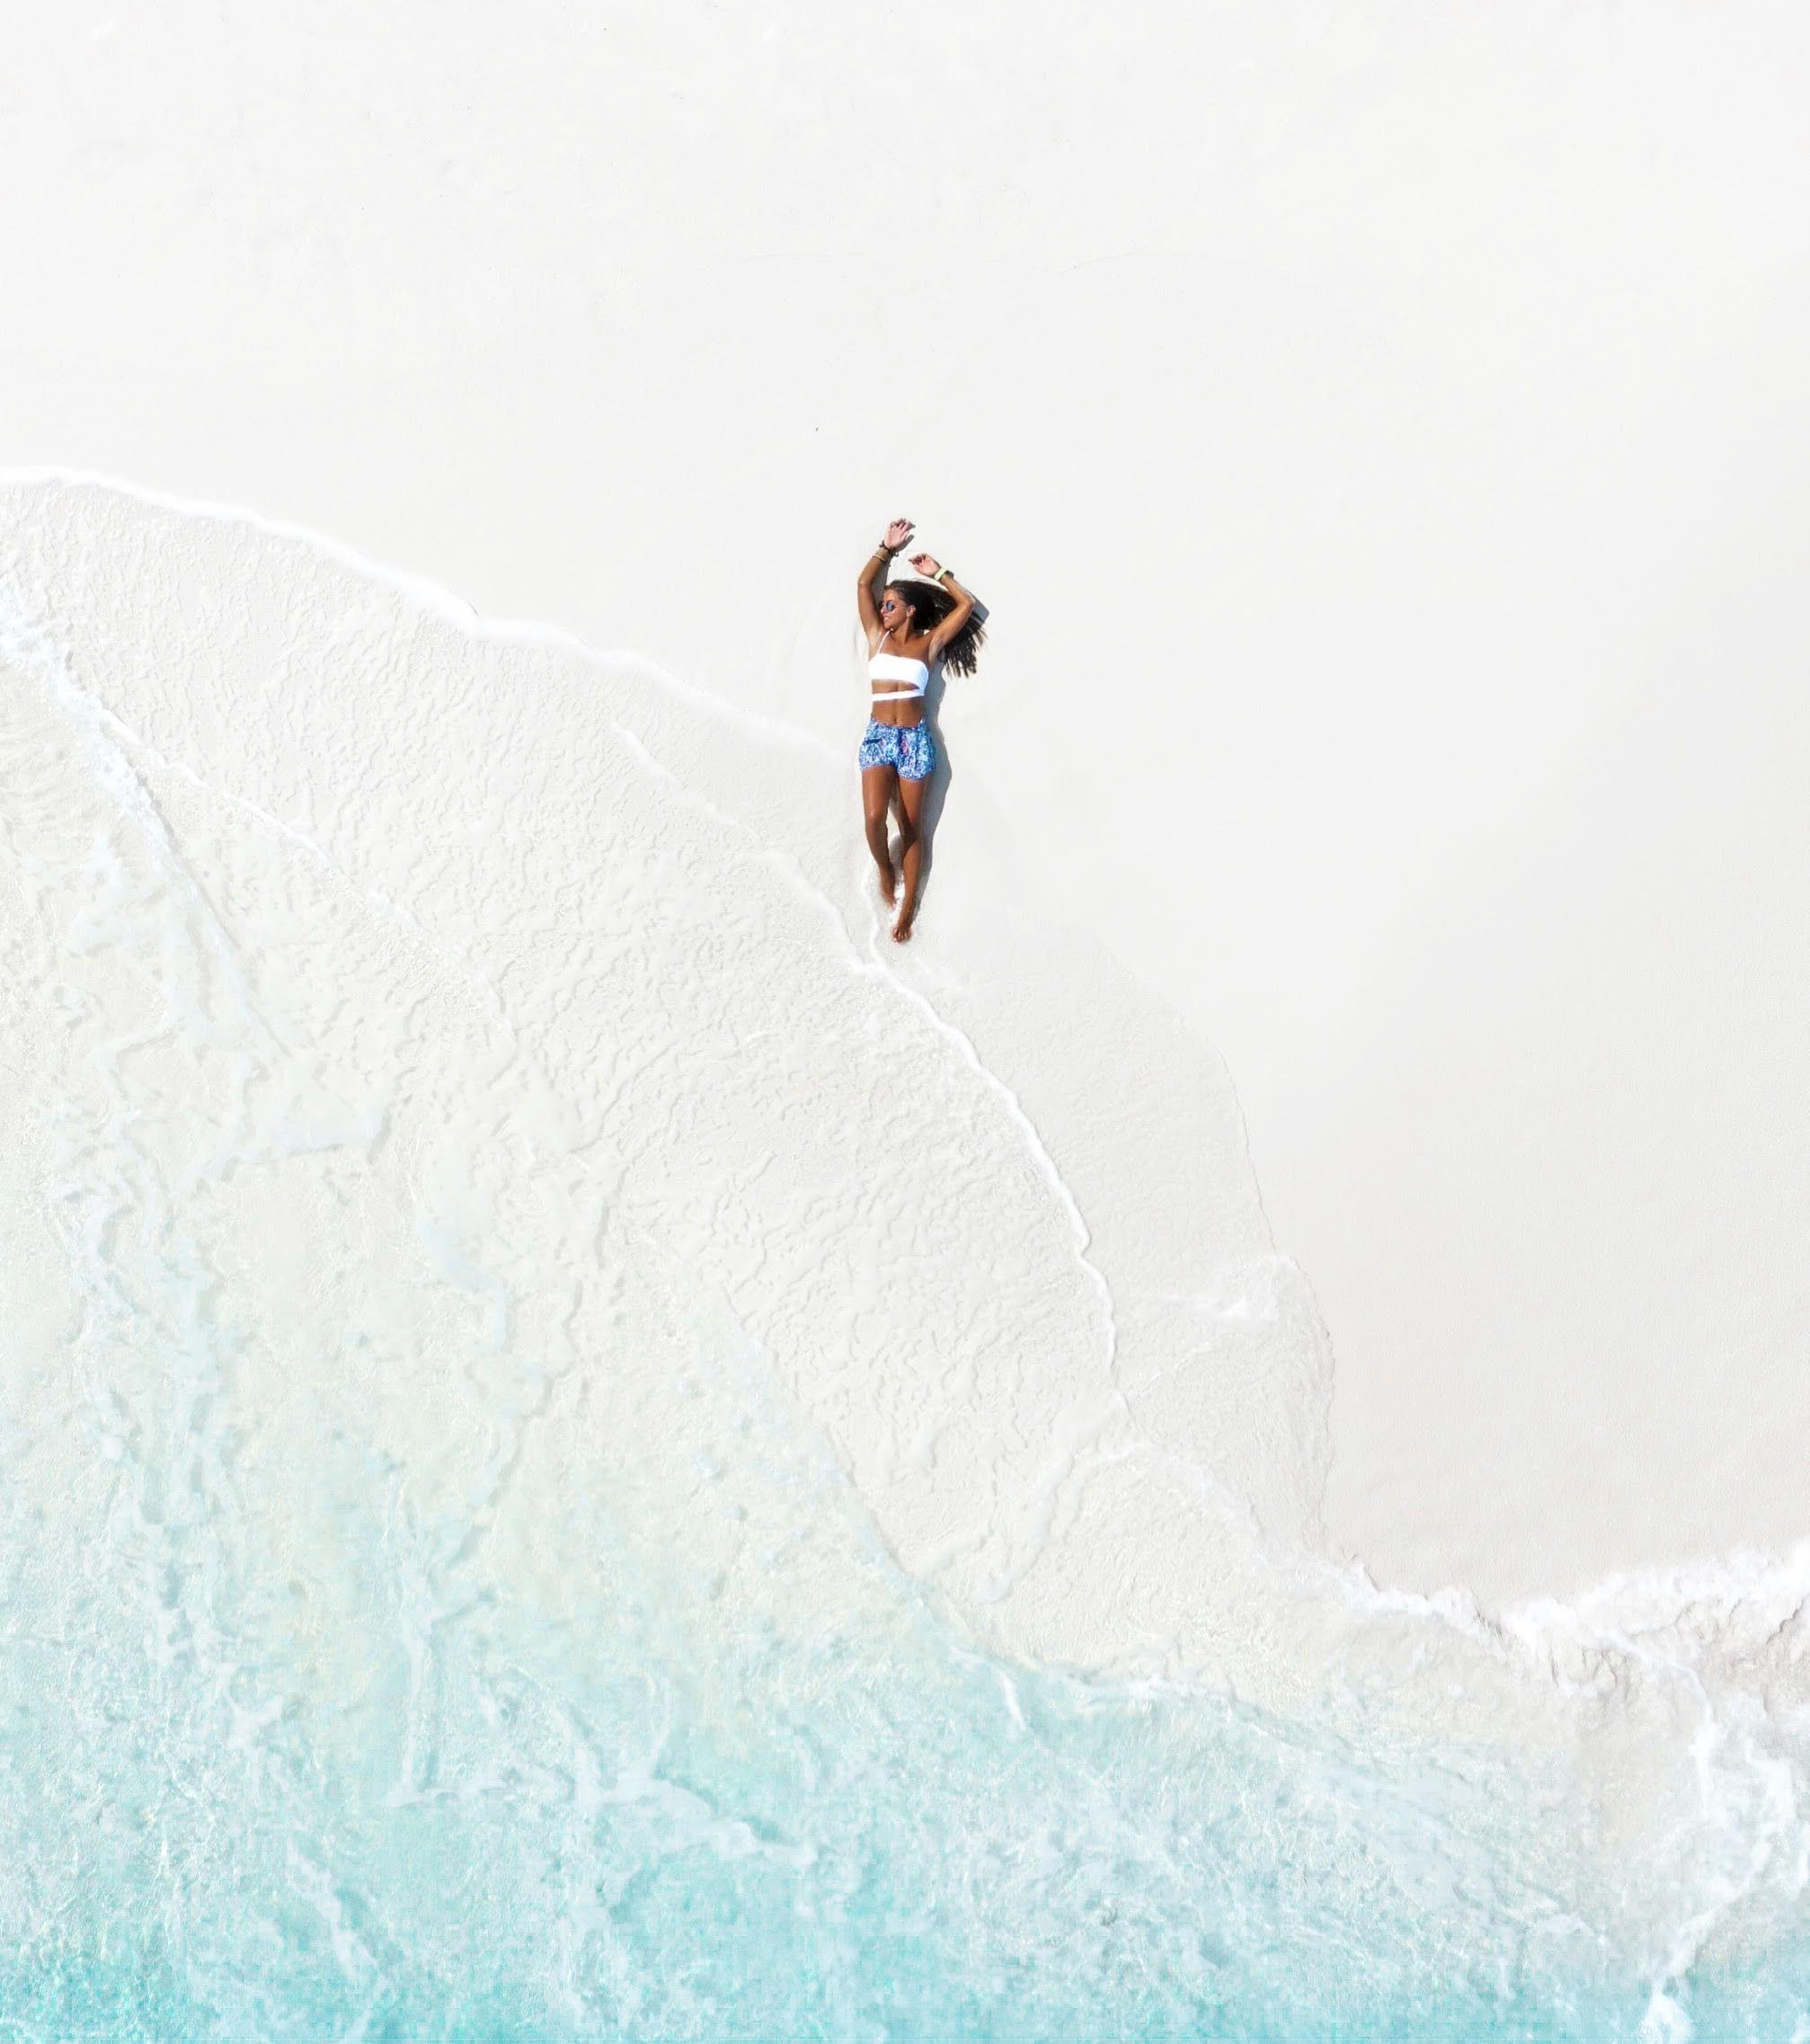 Deset aktivnosti na ostrvu Maafushi - Maldivi